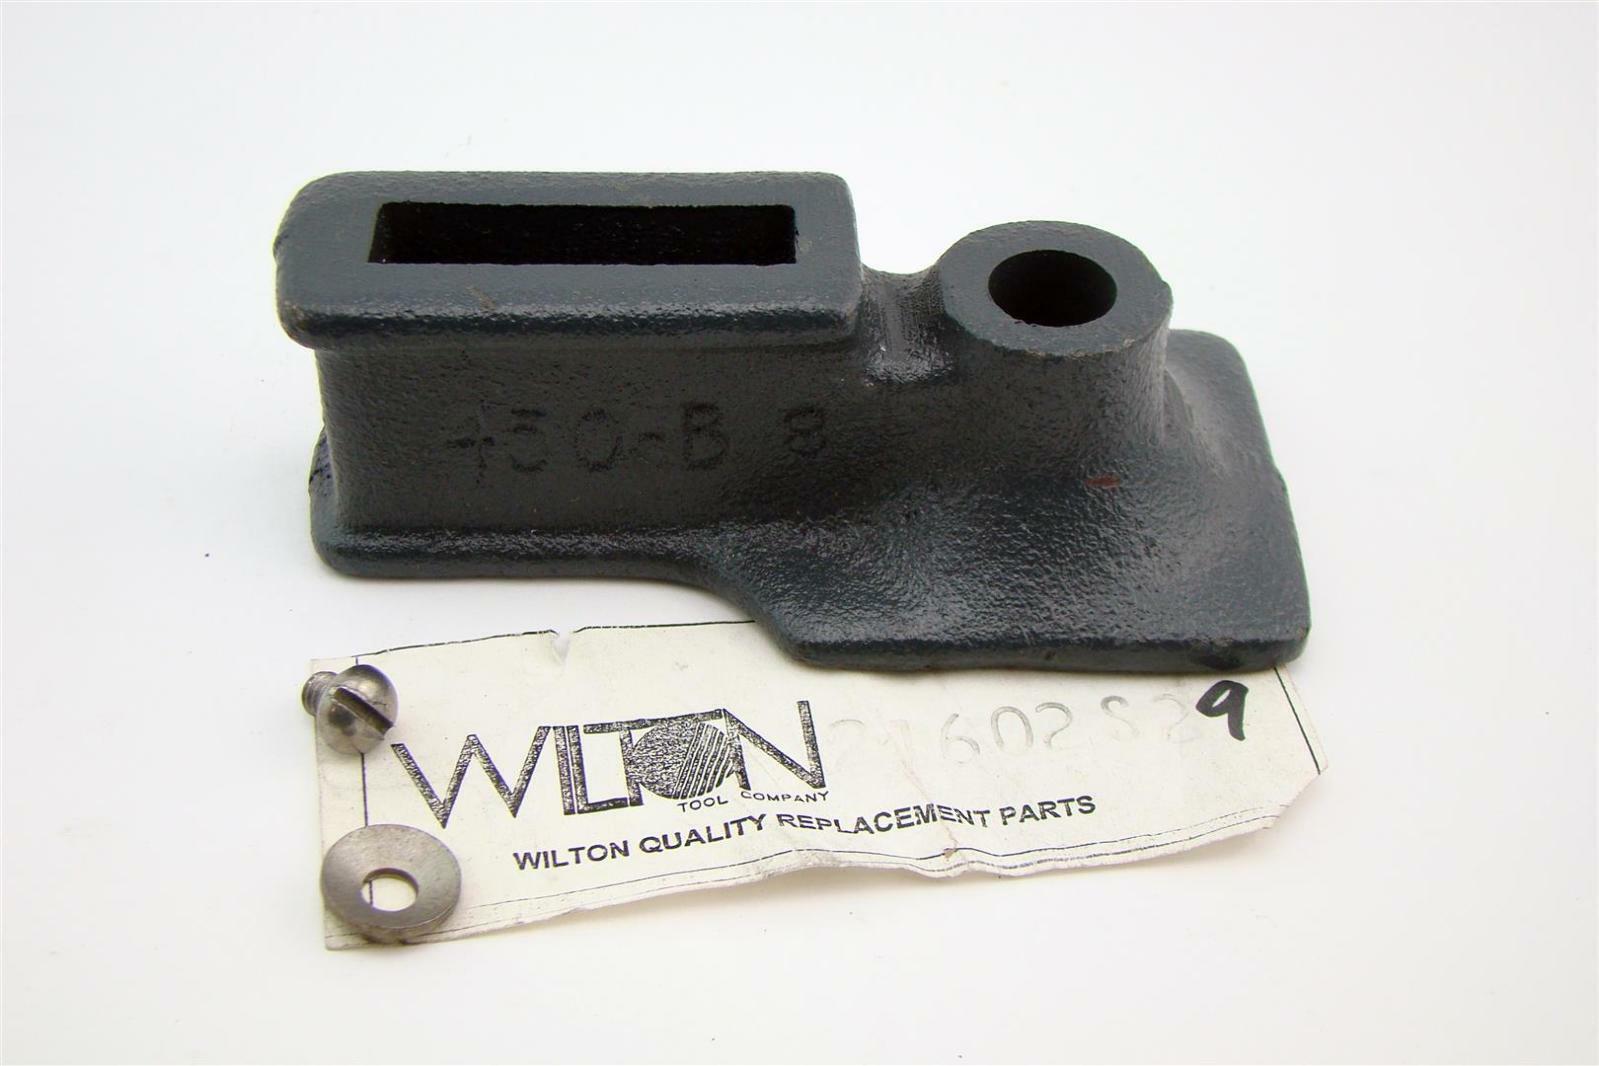 Wilton Vise Parts >> Wilton Vise Replacment Parts 21602s29 450 B8